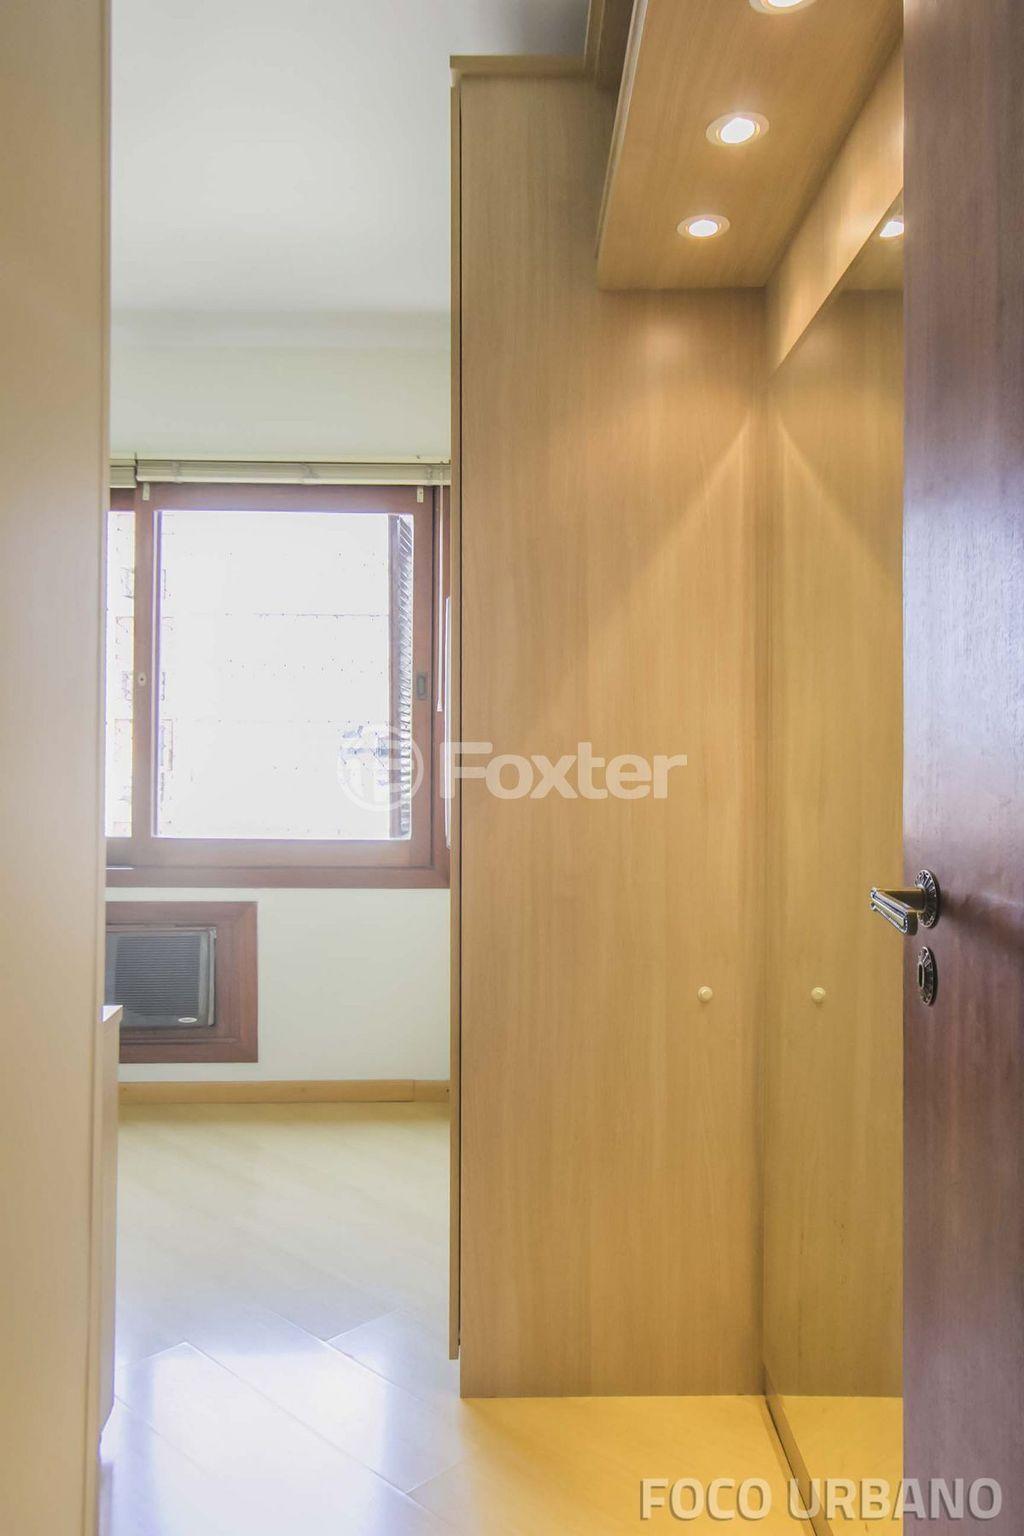 Foxter Imobiliária - Cobertura 3 Dorm (131617) - Foto 14